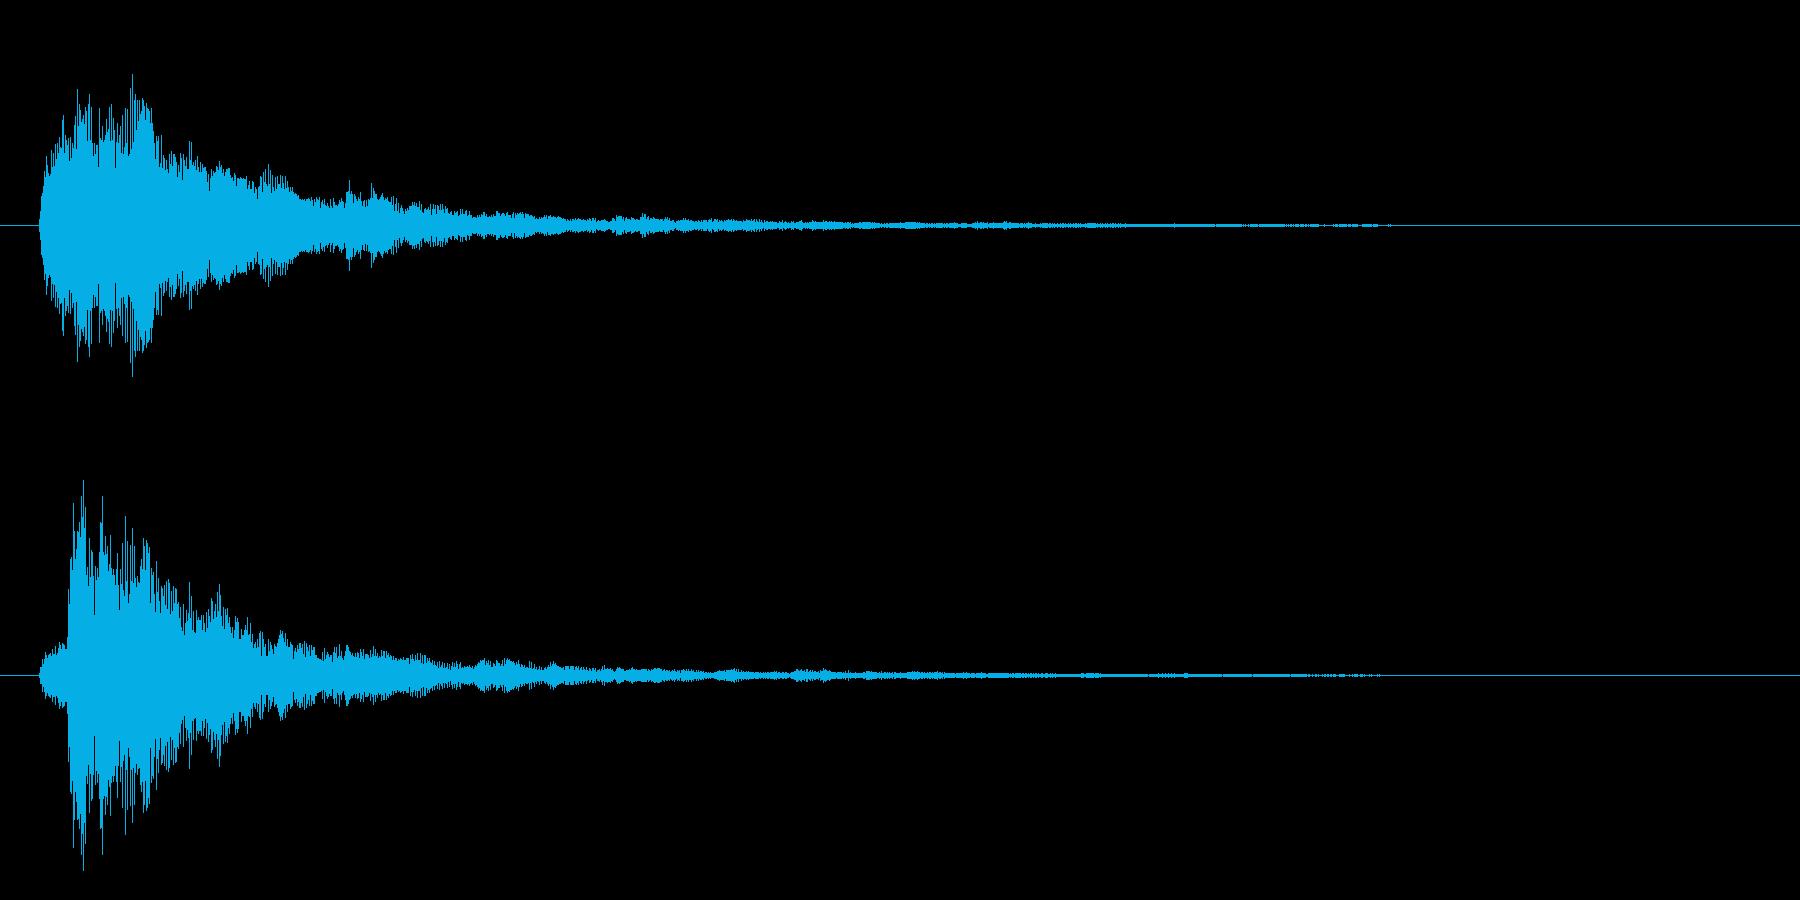 ロボ系の音の再生済みの波形